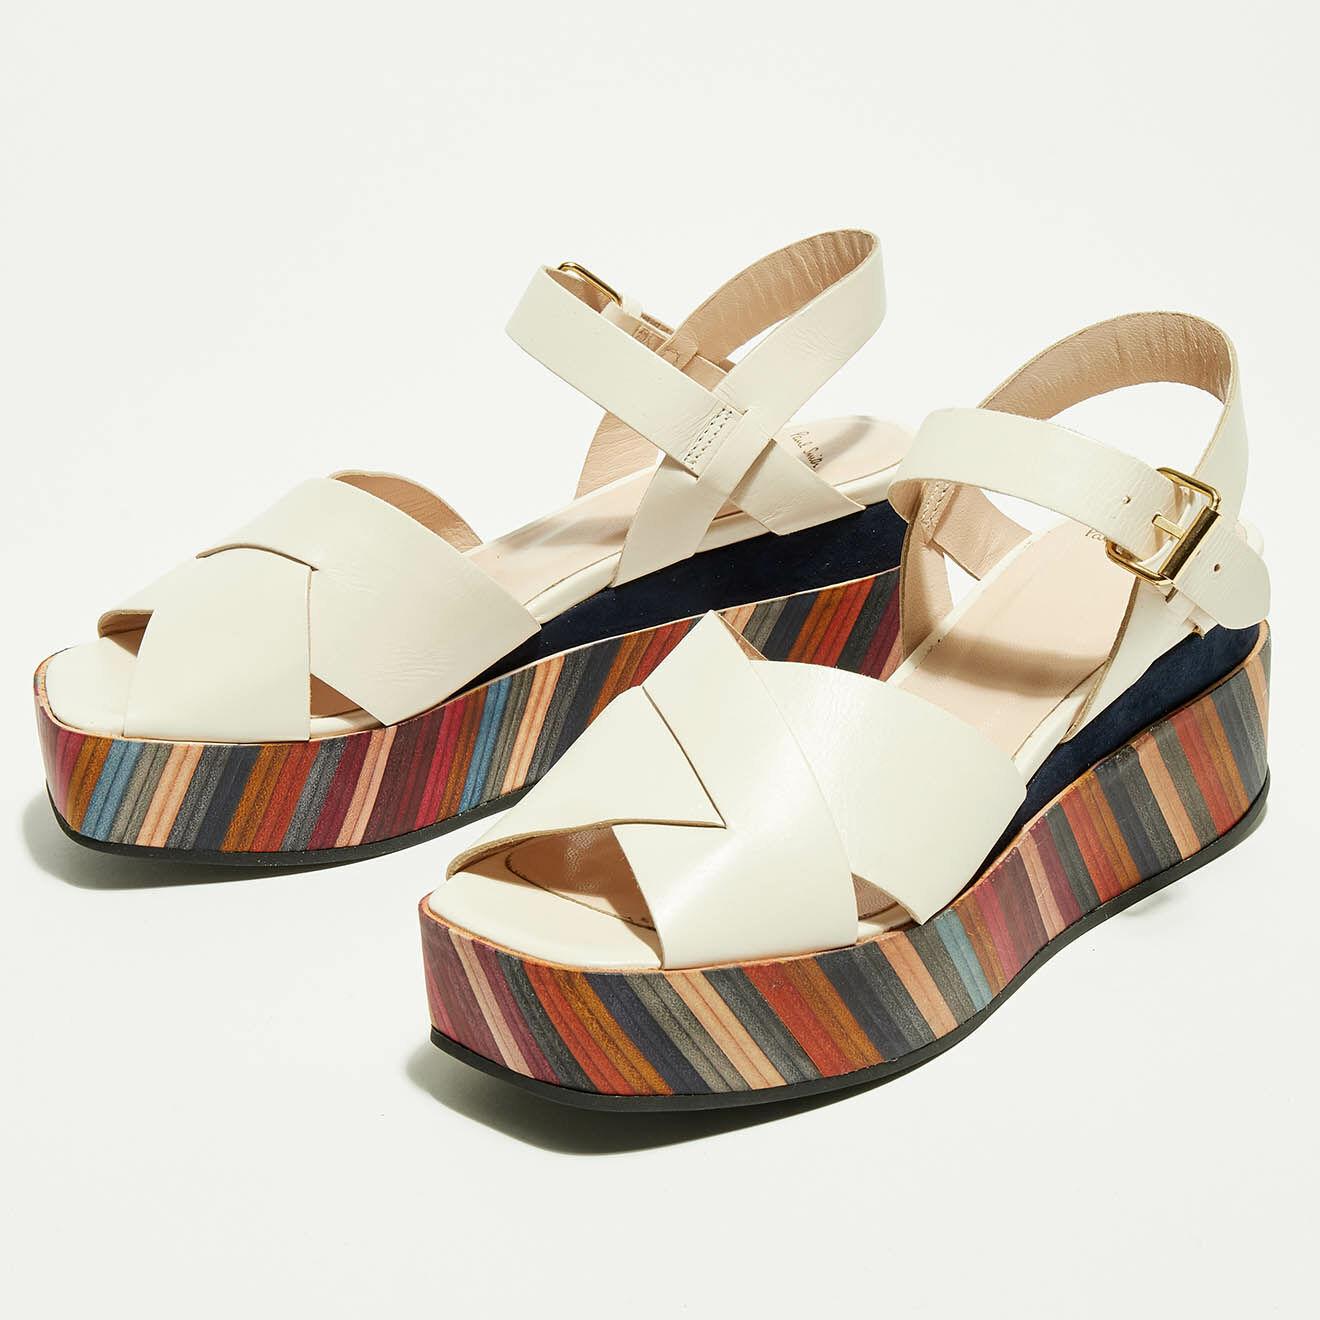 Sandales Compensées en Cuir Marcia beige/multicolore - Talon 6 cm - Paul Smith - Modalova